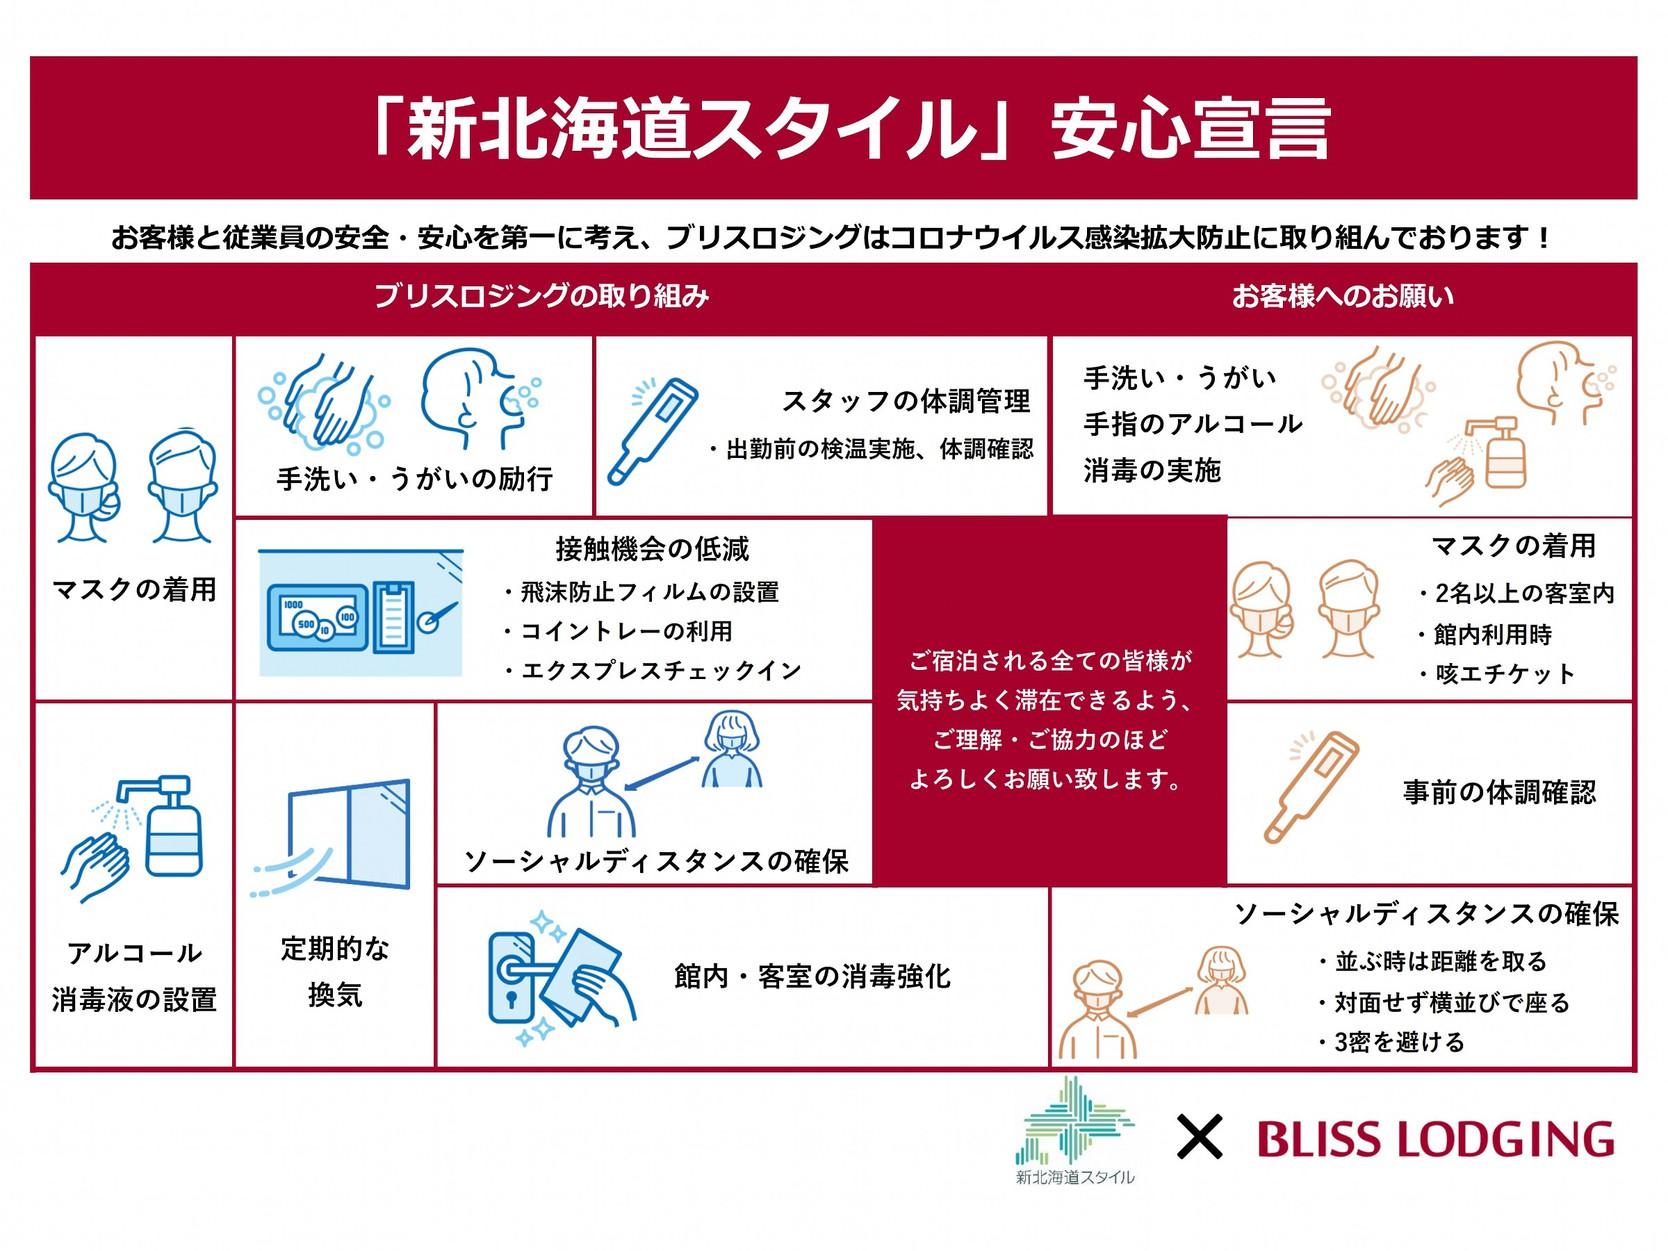 新型コロナウイルス感染症対策